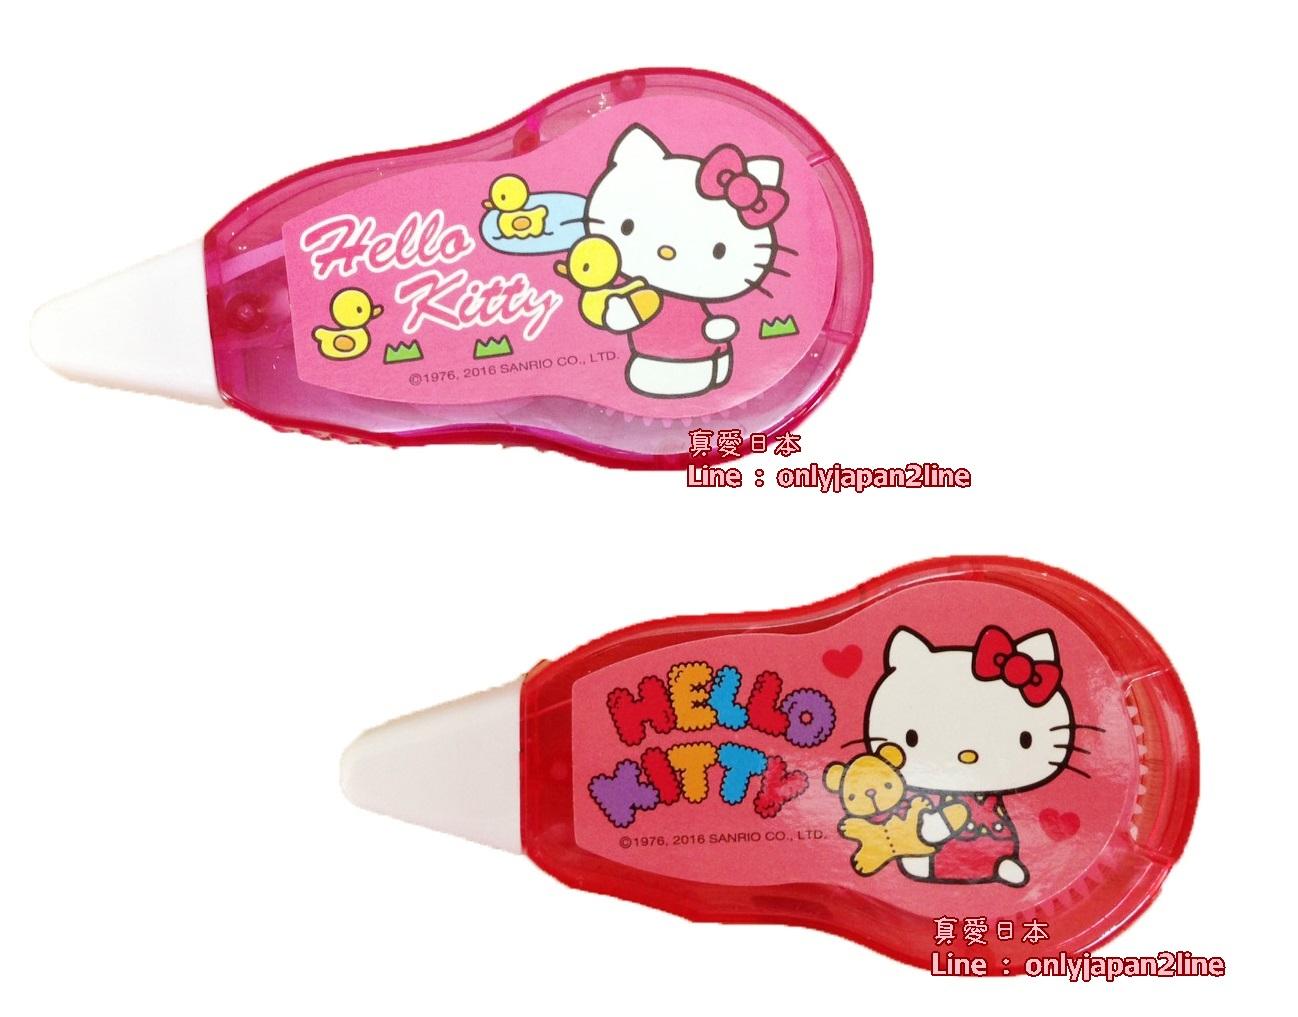 【真愛日本】16052700010KT超大修正帶-兩款    三麗鷗 Hello Kitty 凱蒂貓   立可帶 文具用品